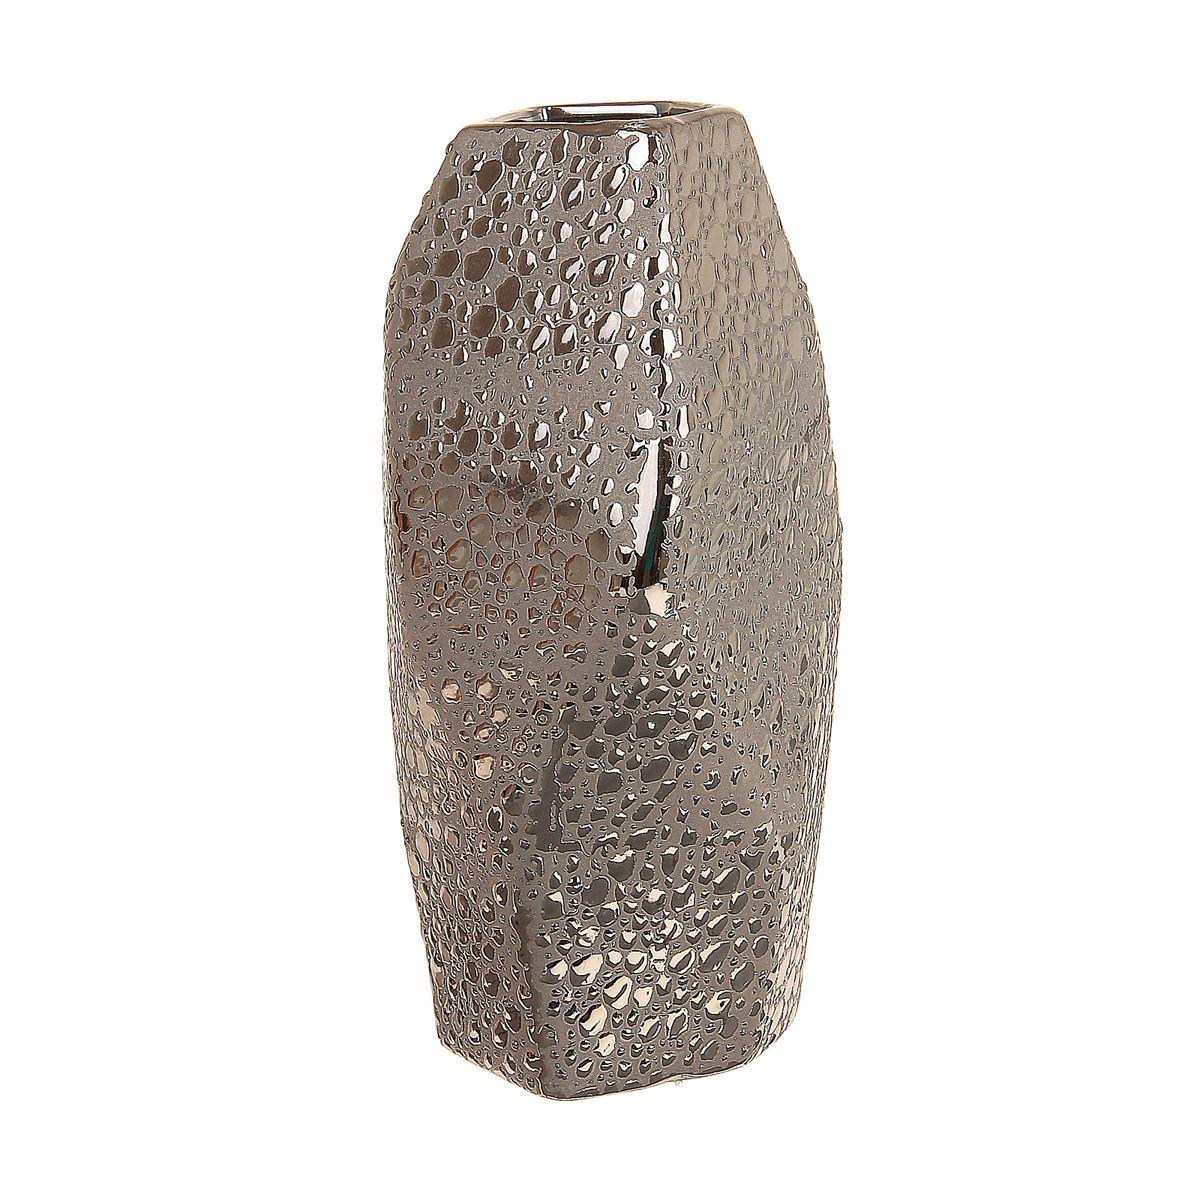 Ваза Sima-land Изгиб, высота 23,5 смFS-91909Ваза Sima-land Изгиб изготовлена из прочной керамики. Интересная форма и необычное оформление сделают эту вазу замечательным украшением интерьера. Она предназначена как для живых, так и для искусственных цветов. Основание оснащено противоскользящими накладками.Любое помещение выглядит незавершенным без правильно расположенных предметовинтерьера. Они помогают создать уют, расставить акценты, подчеркнуть достоинства или скрытьнедостатки.